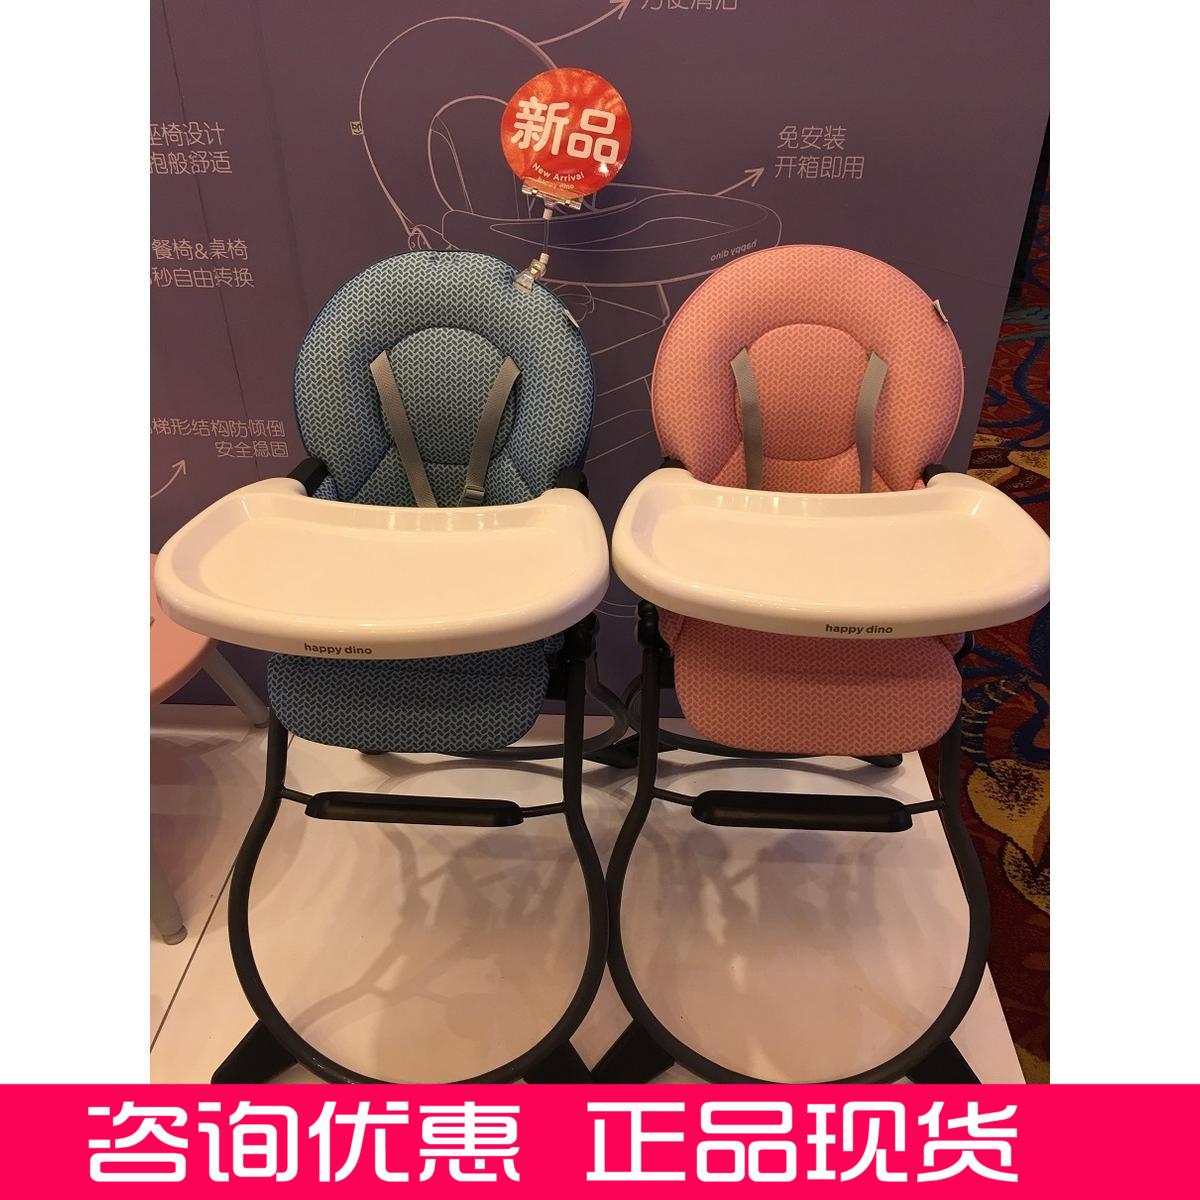 小龙哈彼餐椅新款可折叠宝宝餐桌椅(用10元券)